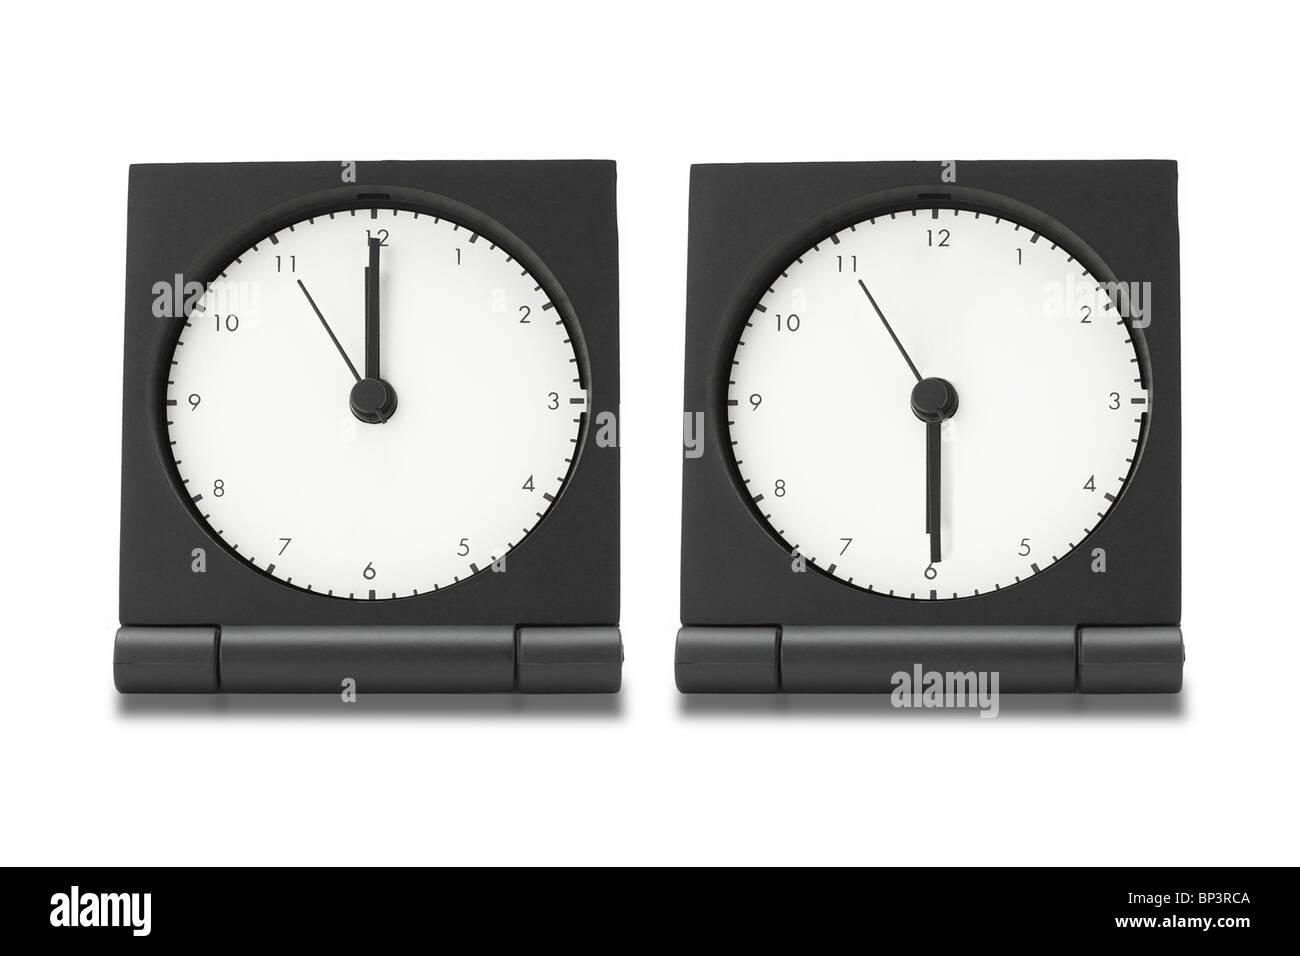 Travel electronic alarm clocks on white background - Stock Image